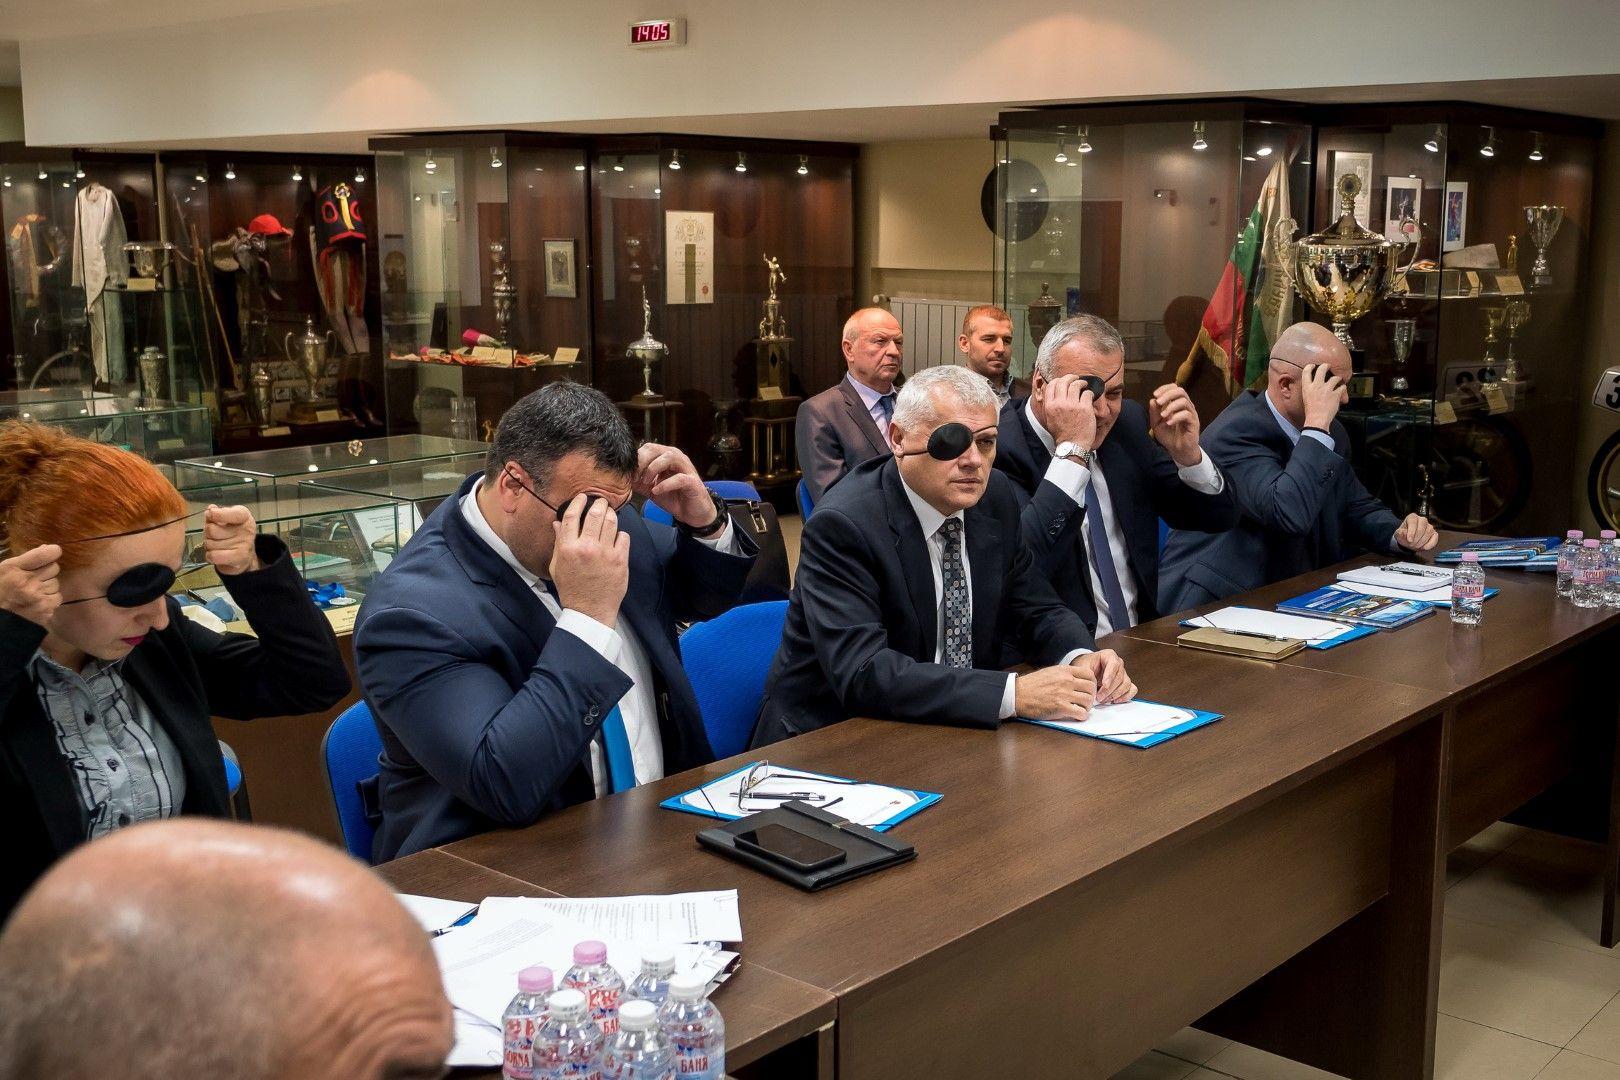 Валентин Радев и други участници в срещата си сложиха превръзки на очите в знак на солидарност с Гергана